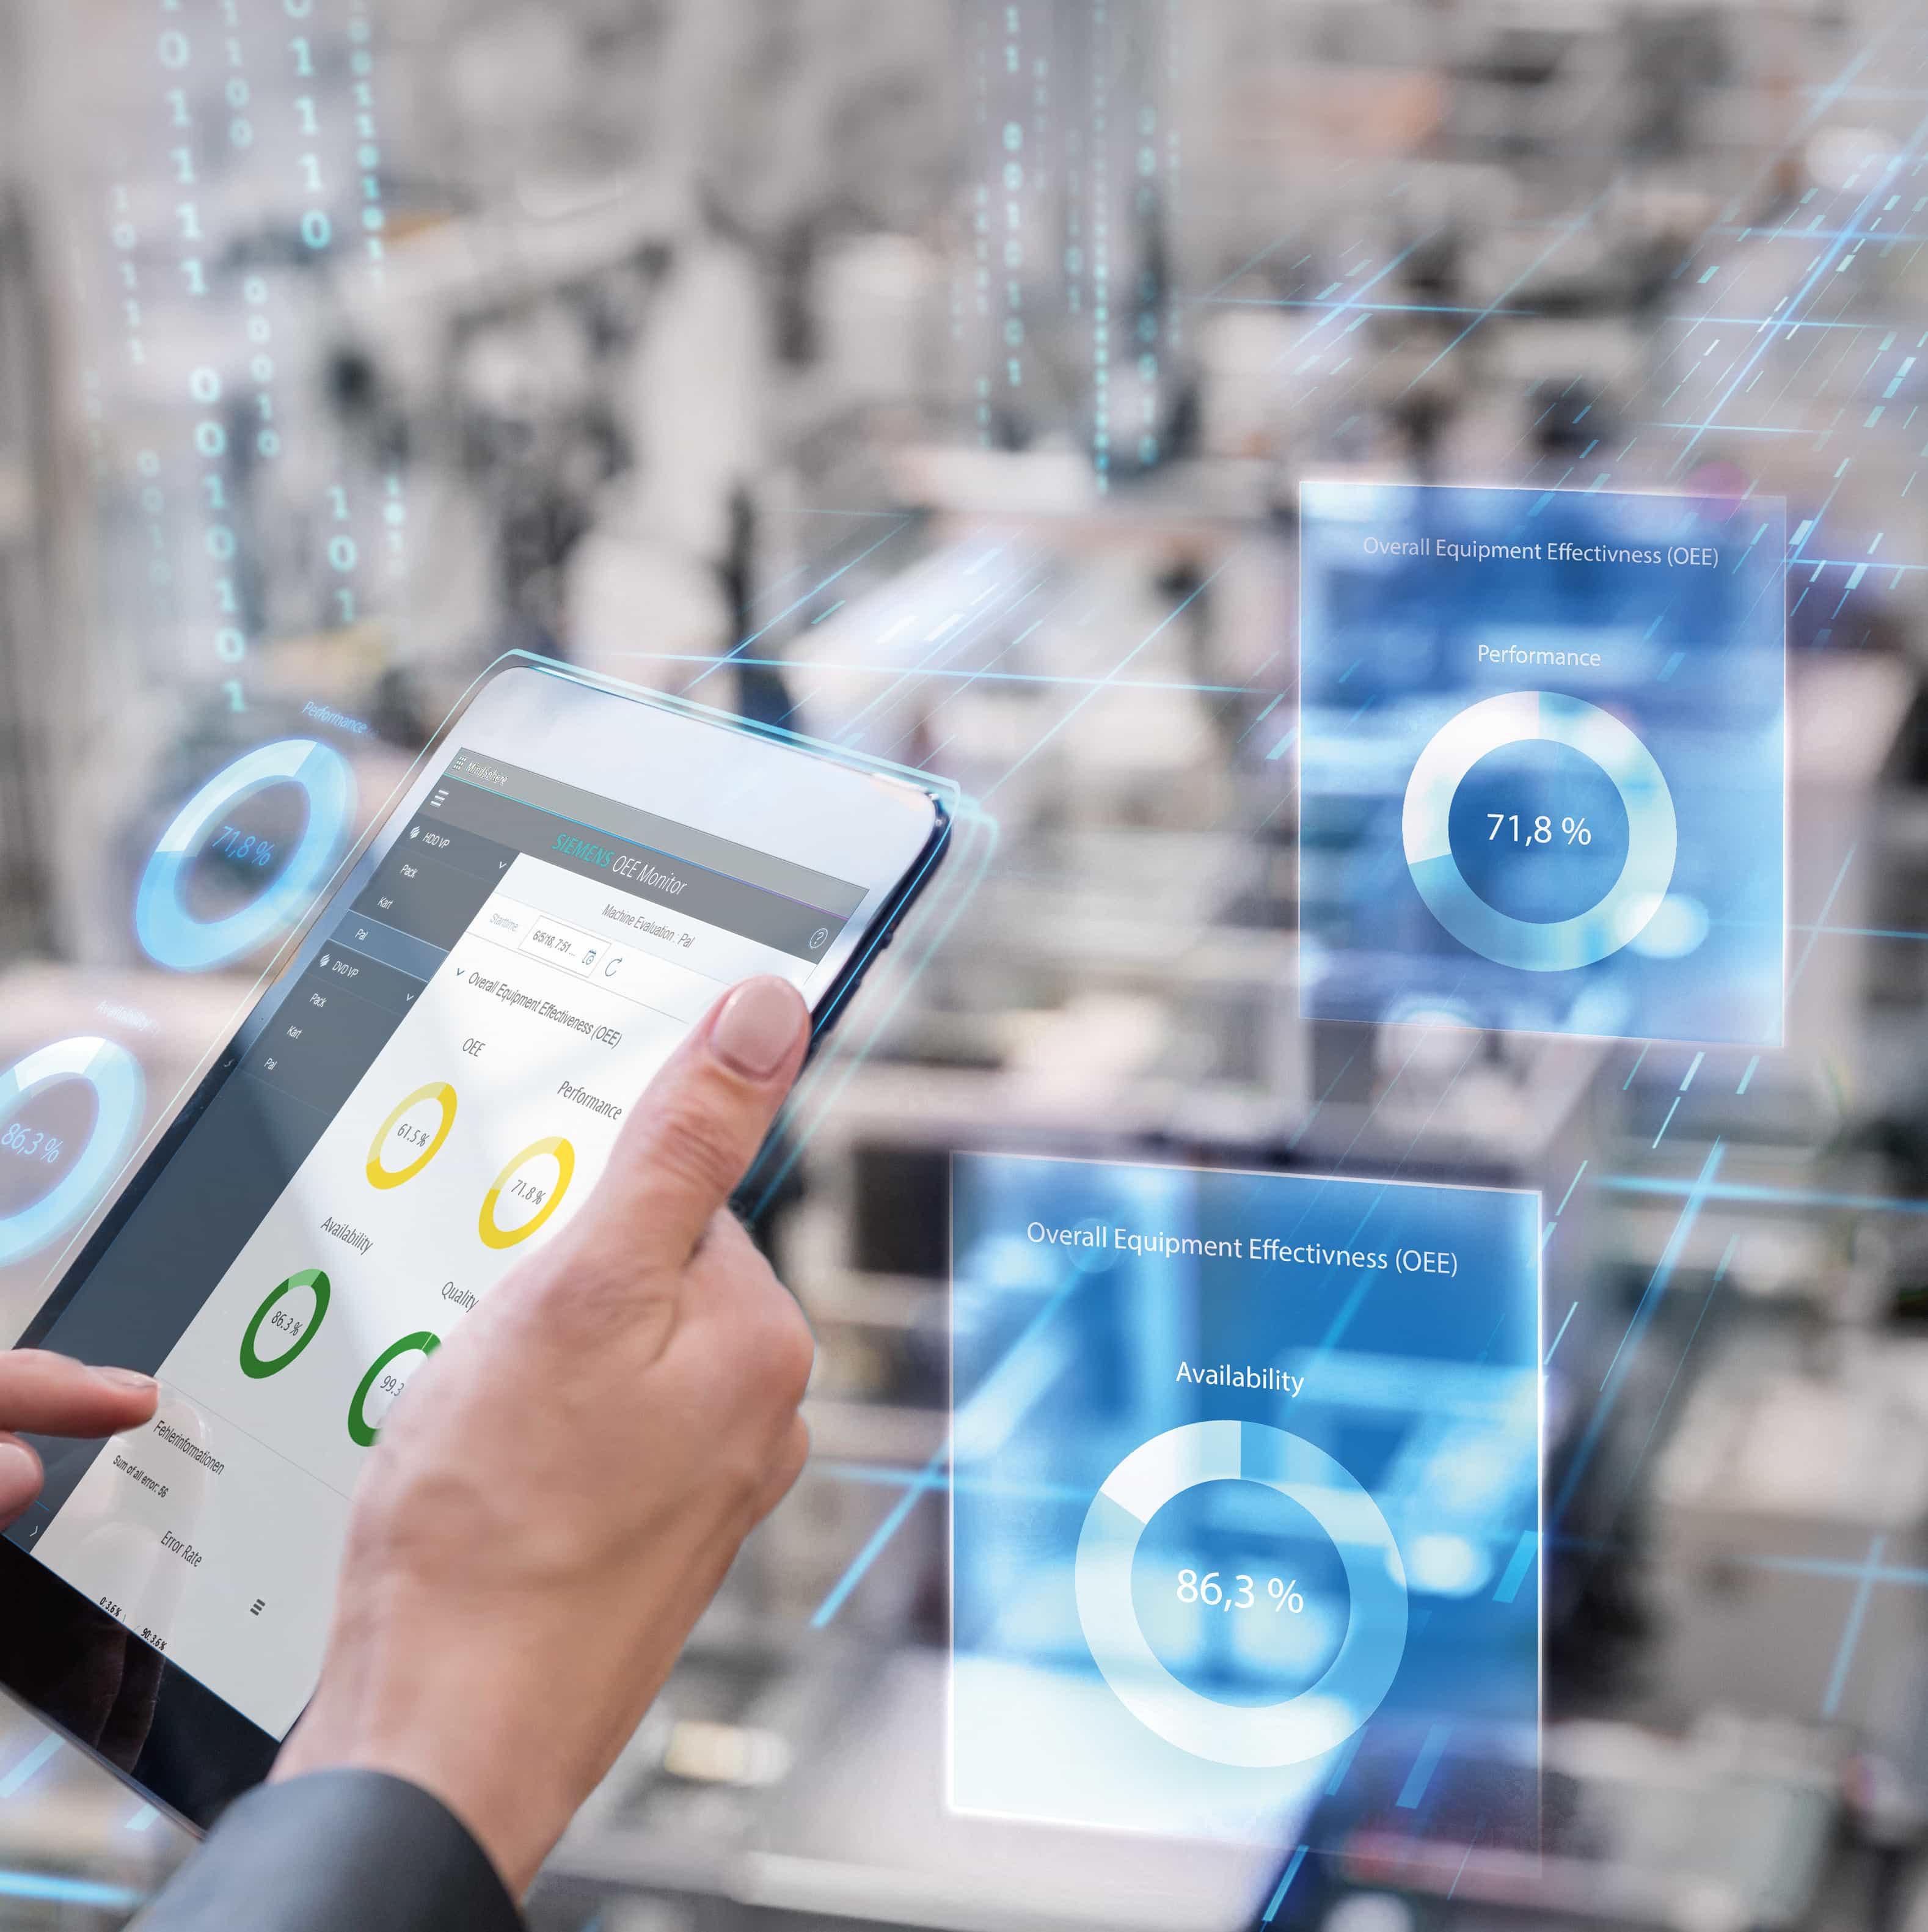 Norske bedrifter er overbevist om at digitalisering kan skape nye forretningsmuligheter, men ser at de mangler rett kompetanse. Mangel på vilje til å utvikle egne ansatte gjør at mange i stedet sette sin lit til å hente inn ny kompetanse utenfra.